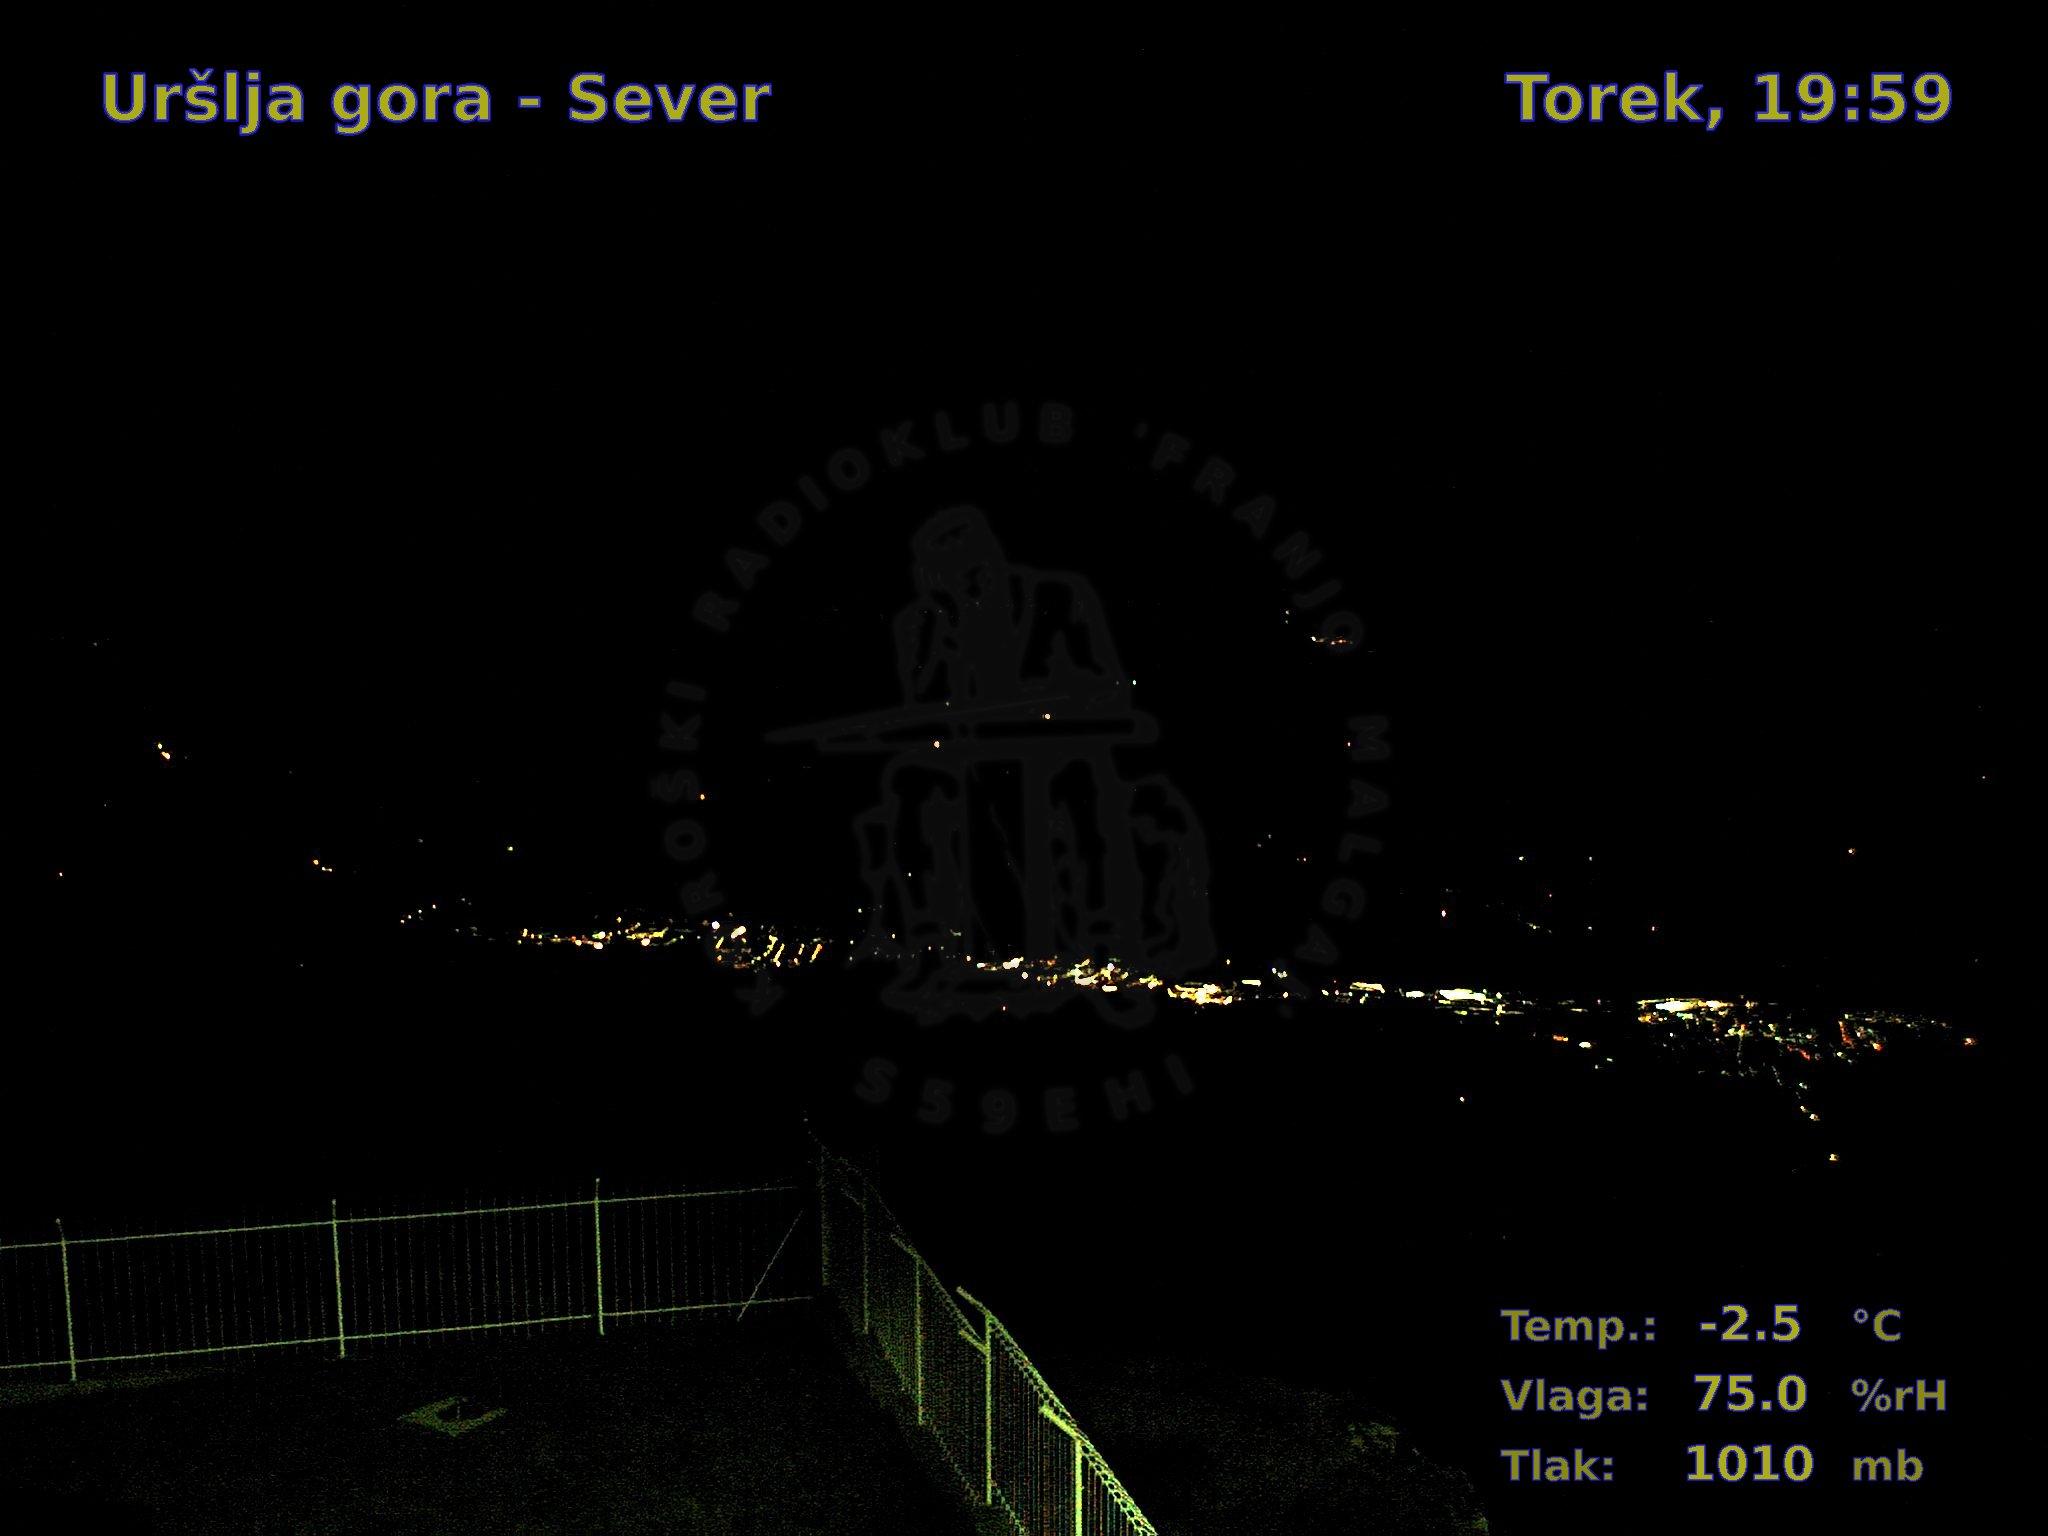 Uršlja gora-Sever, 19:00